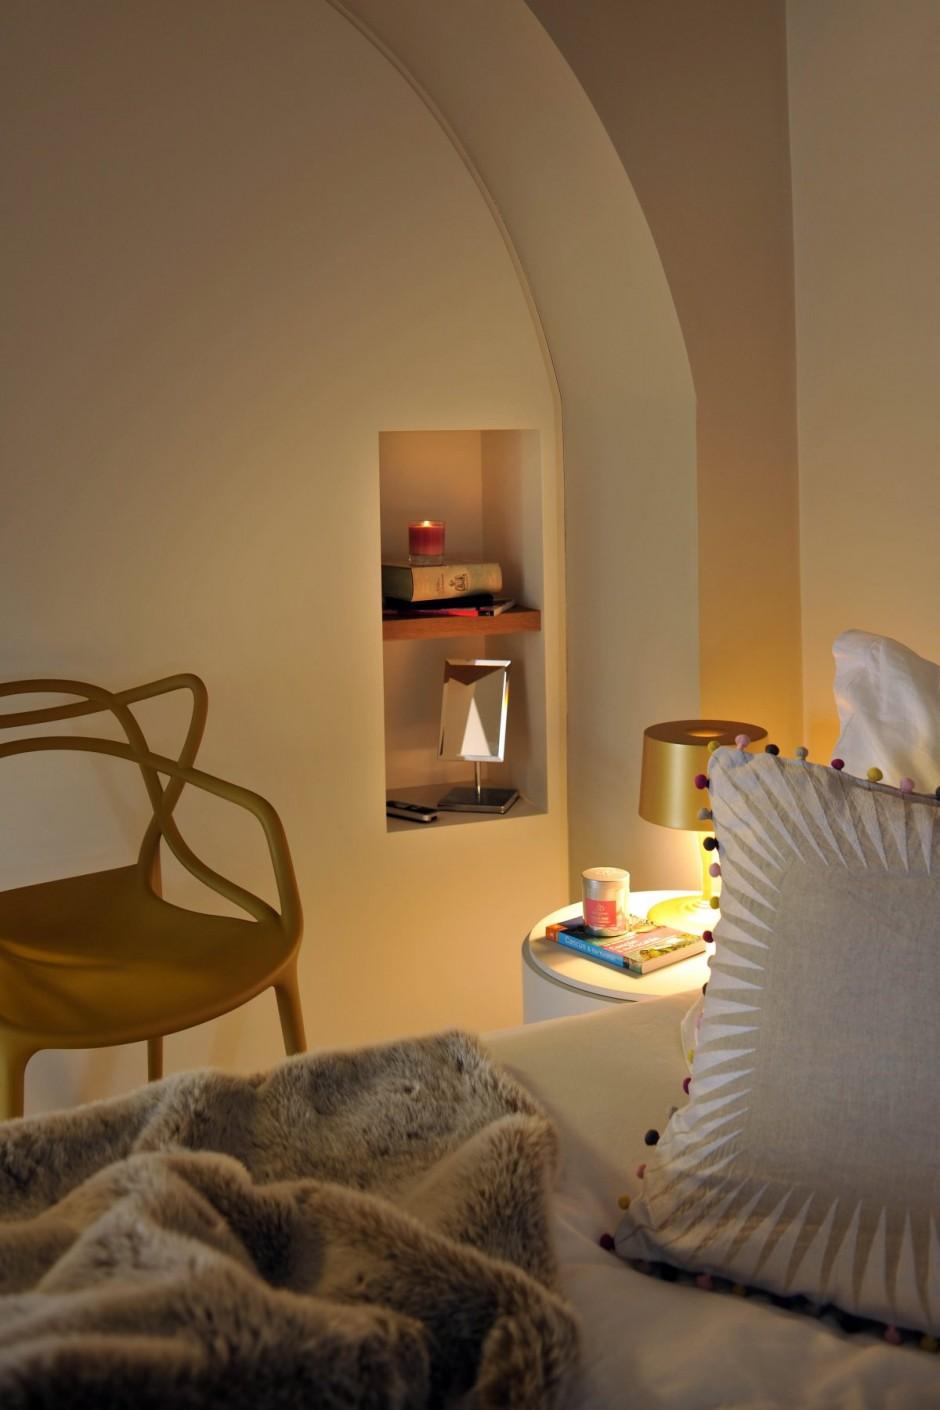 St Pancras Penthouse Apartment By Thomas Griem Myhouseidea